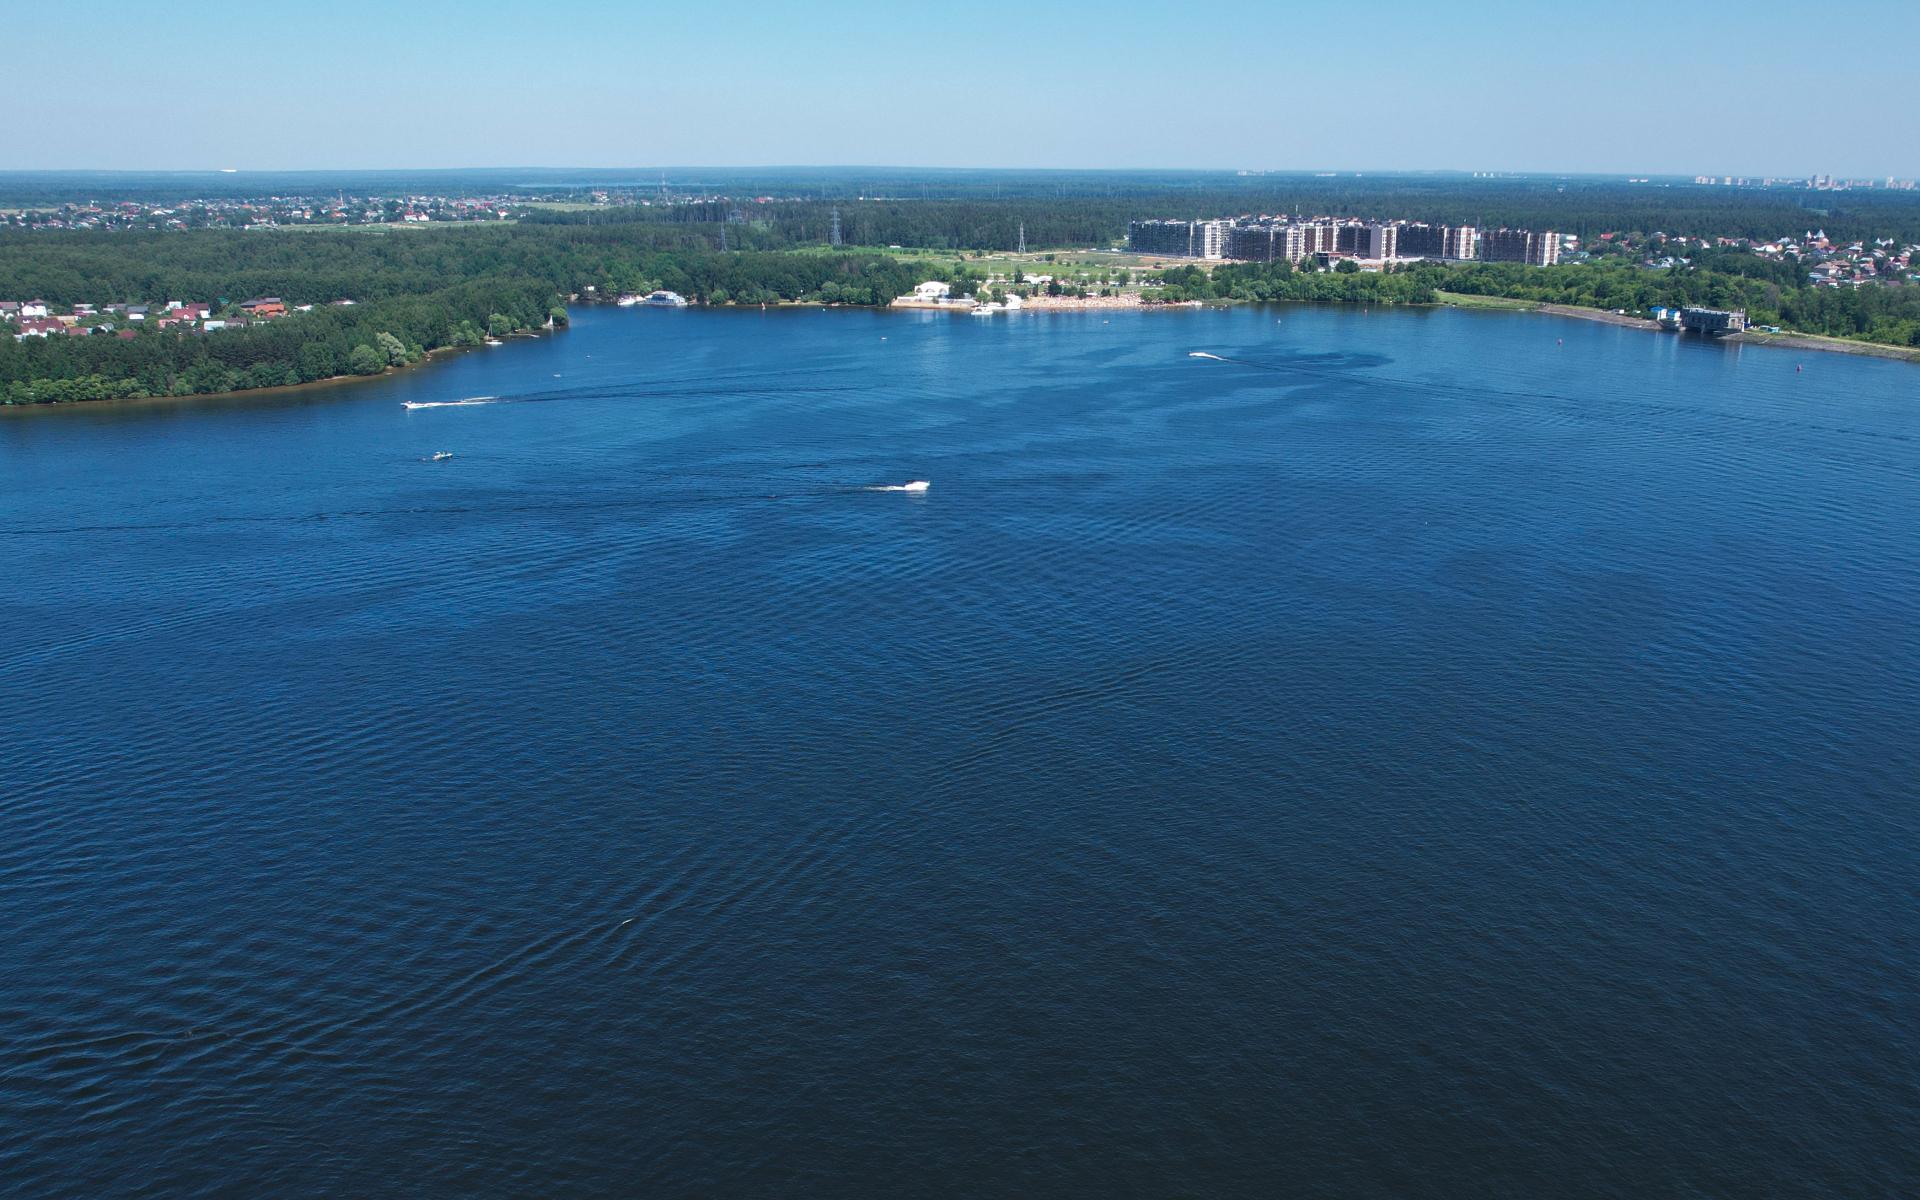 Для рек, каналов, водохранилищ и озер второй пояс ЗСО может иметь ширину более 2 км